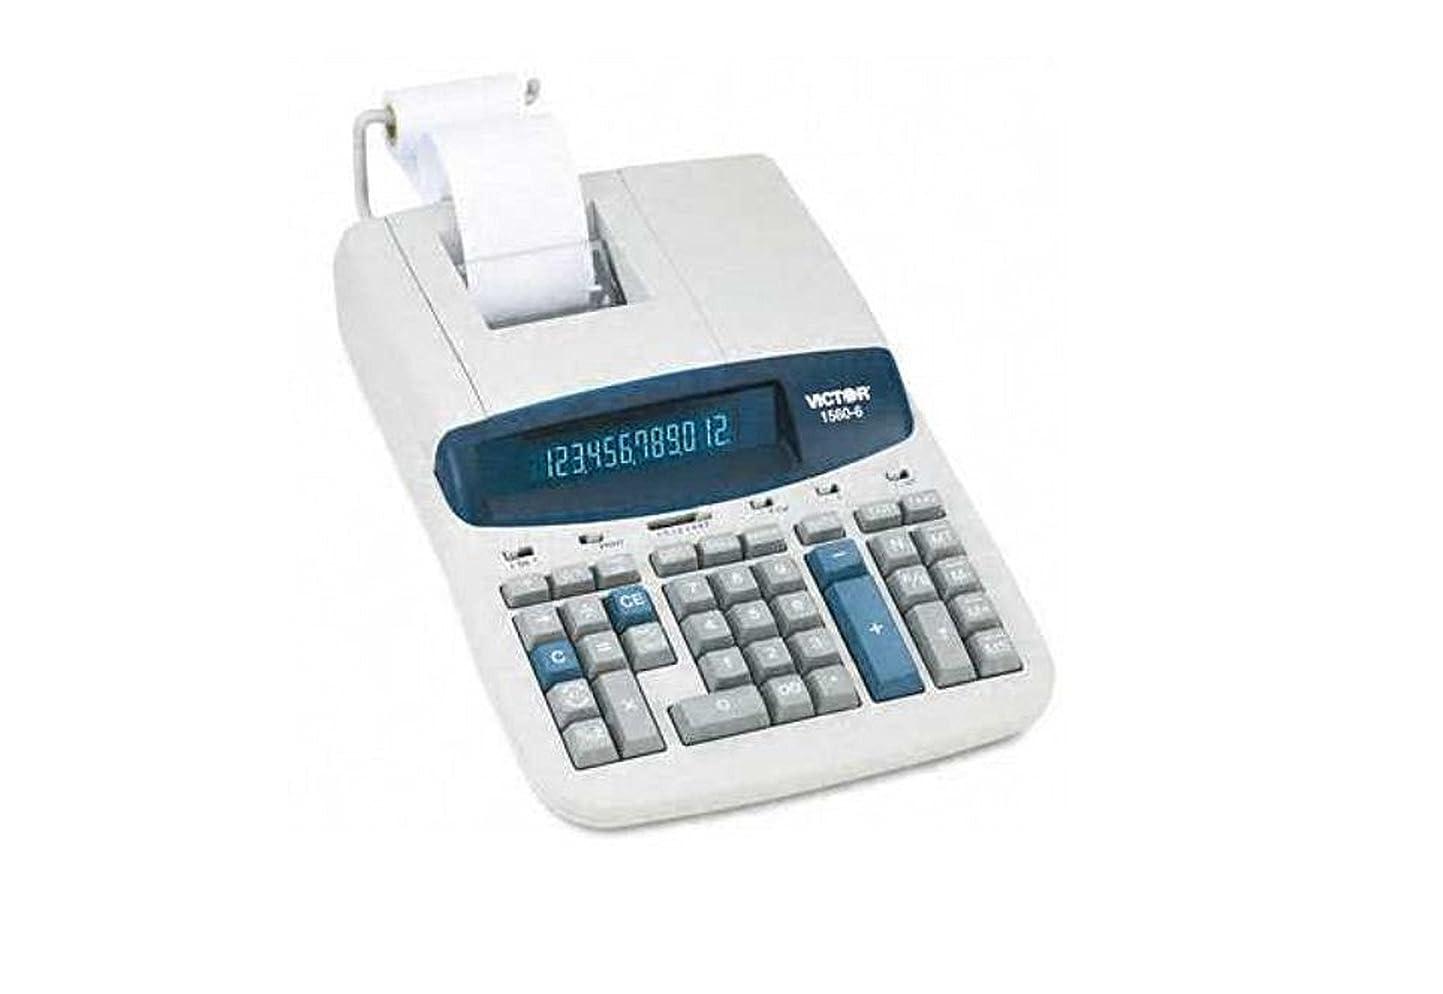 開示する民兵サイクロプス1560?–?6?2色リボン印刷電卓12桁、蛍光灯、ブラック/レッド